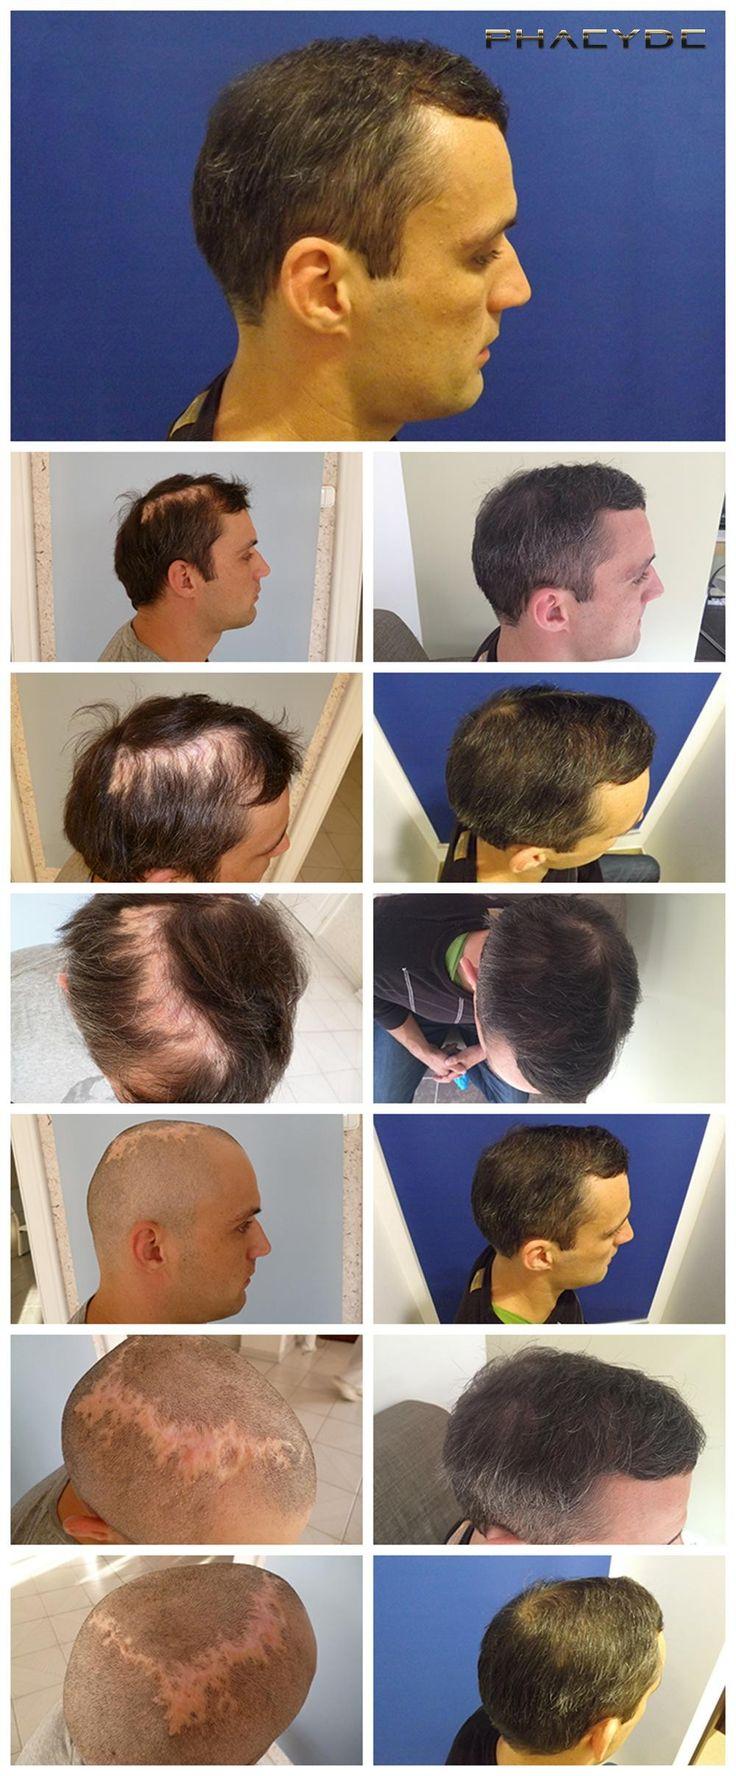 Transplante de cabelo em tecido cicatricial - PHAEYDE Clínica  Peter perdeu uma parte de seu cabelo devido ao fogo em sua infância. O tratamento de transplante de cabelo foi feito pela clínica PHAEYDE em Budapeste, Hungary.5000+ cabelos foram implantados durante as 12 horas restauração de cabelo comprido.  http://pt.phaeyde.com/transplante-de-cabelo